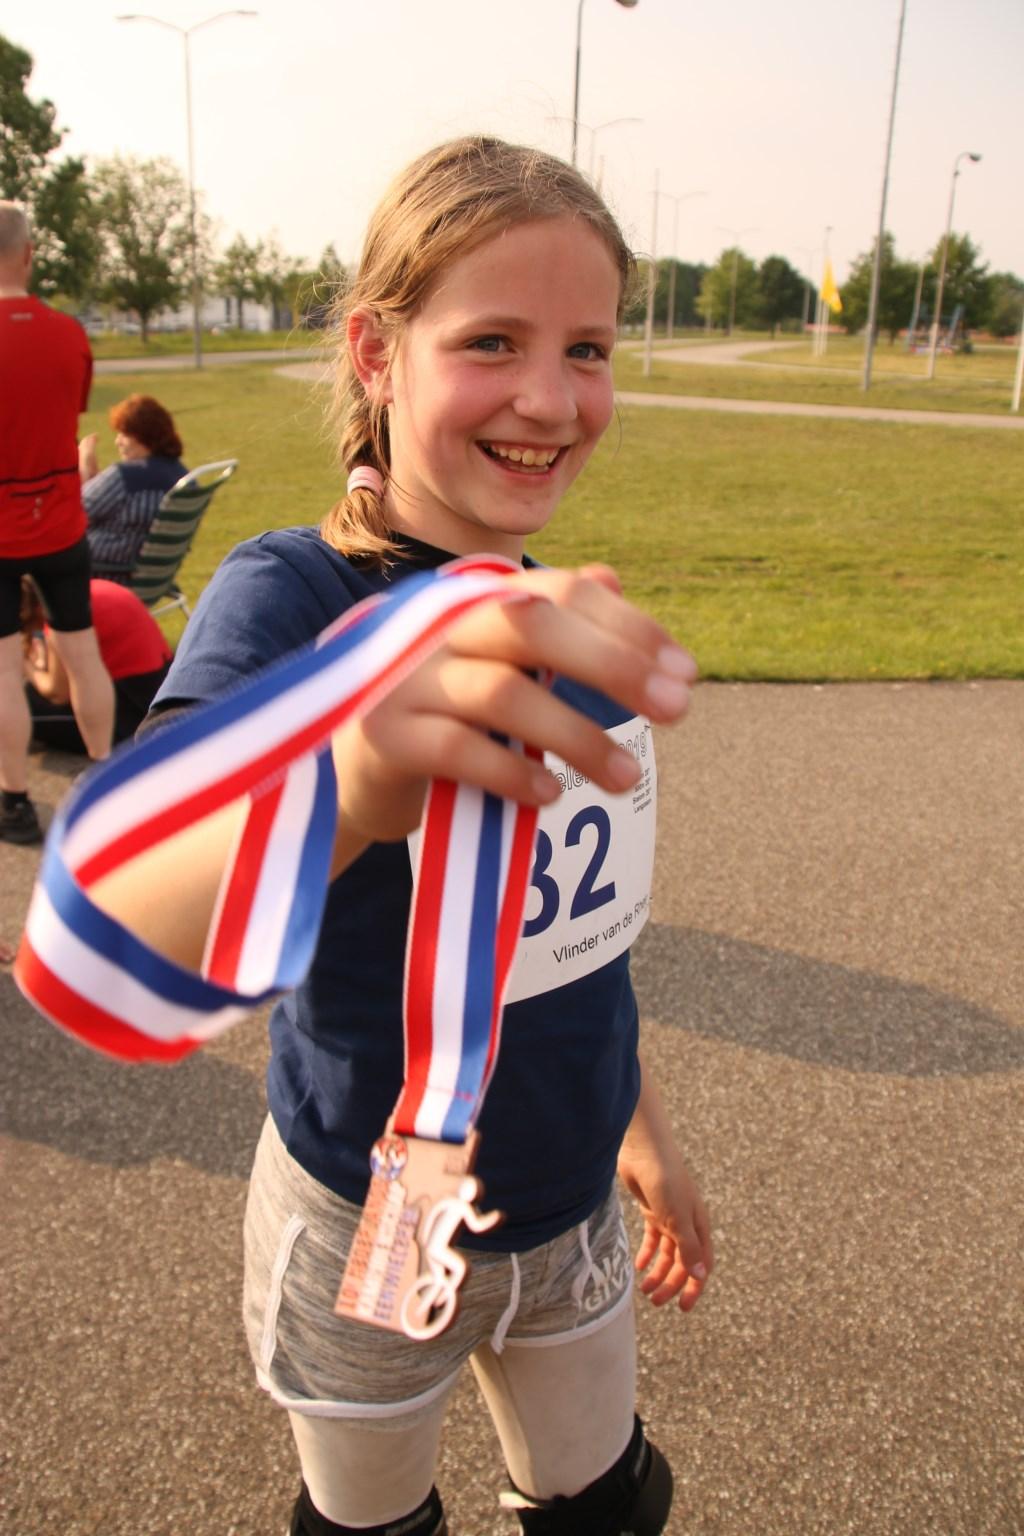 Vlinder van de Rhee is trots op haar bronzen medaille op het NK eenwieleren Foto: Circus op de Utrechtse Heuvelrug © Persgroep